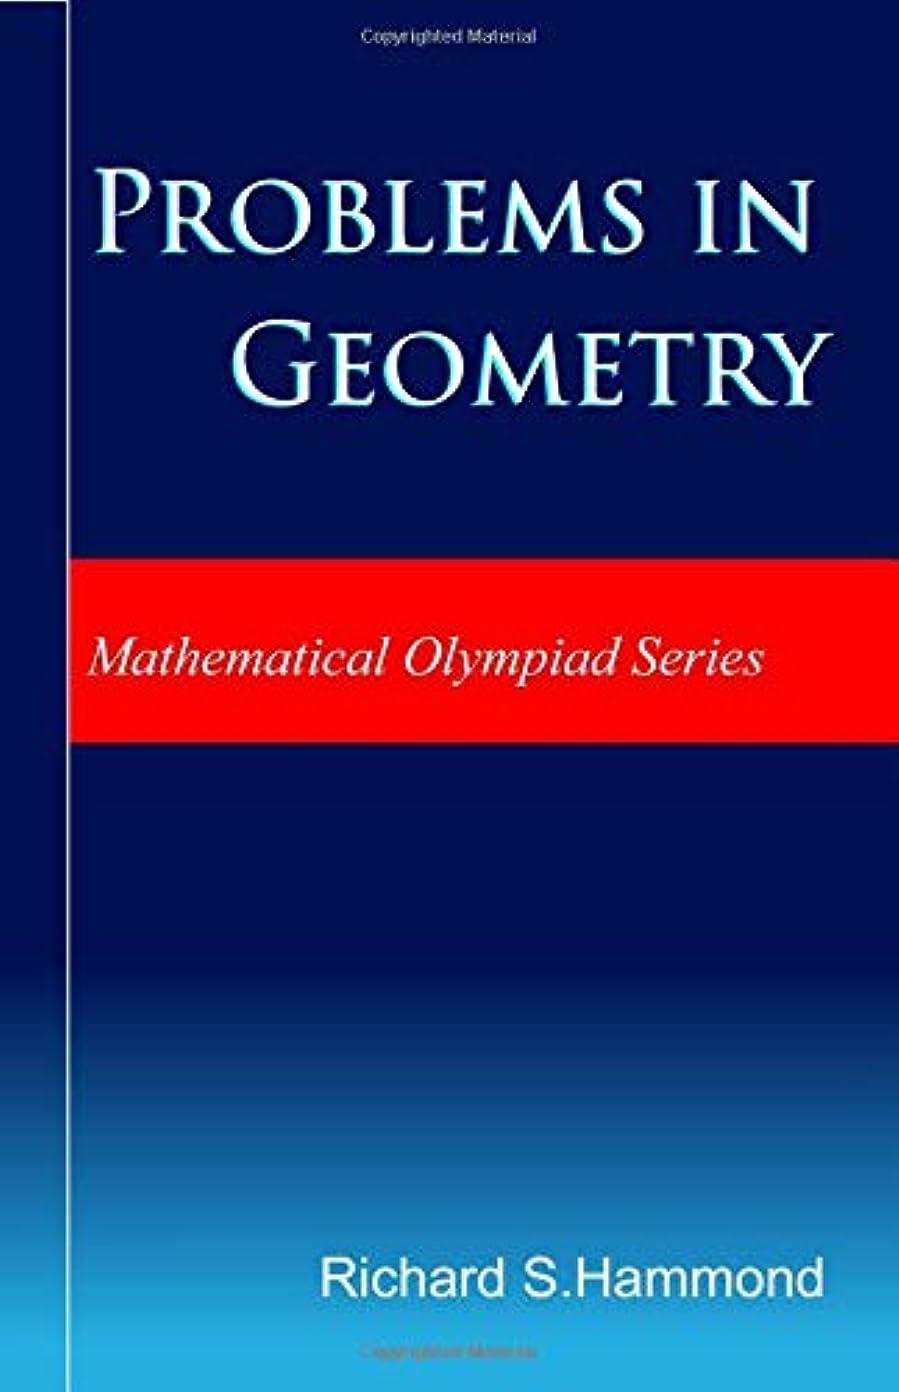 マディソンラフ睡眠アテンダントProblems in Geometry: Theorems and Problems (Mathematical Olympiad Series)